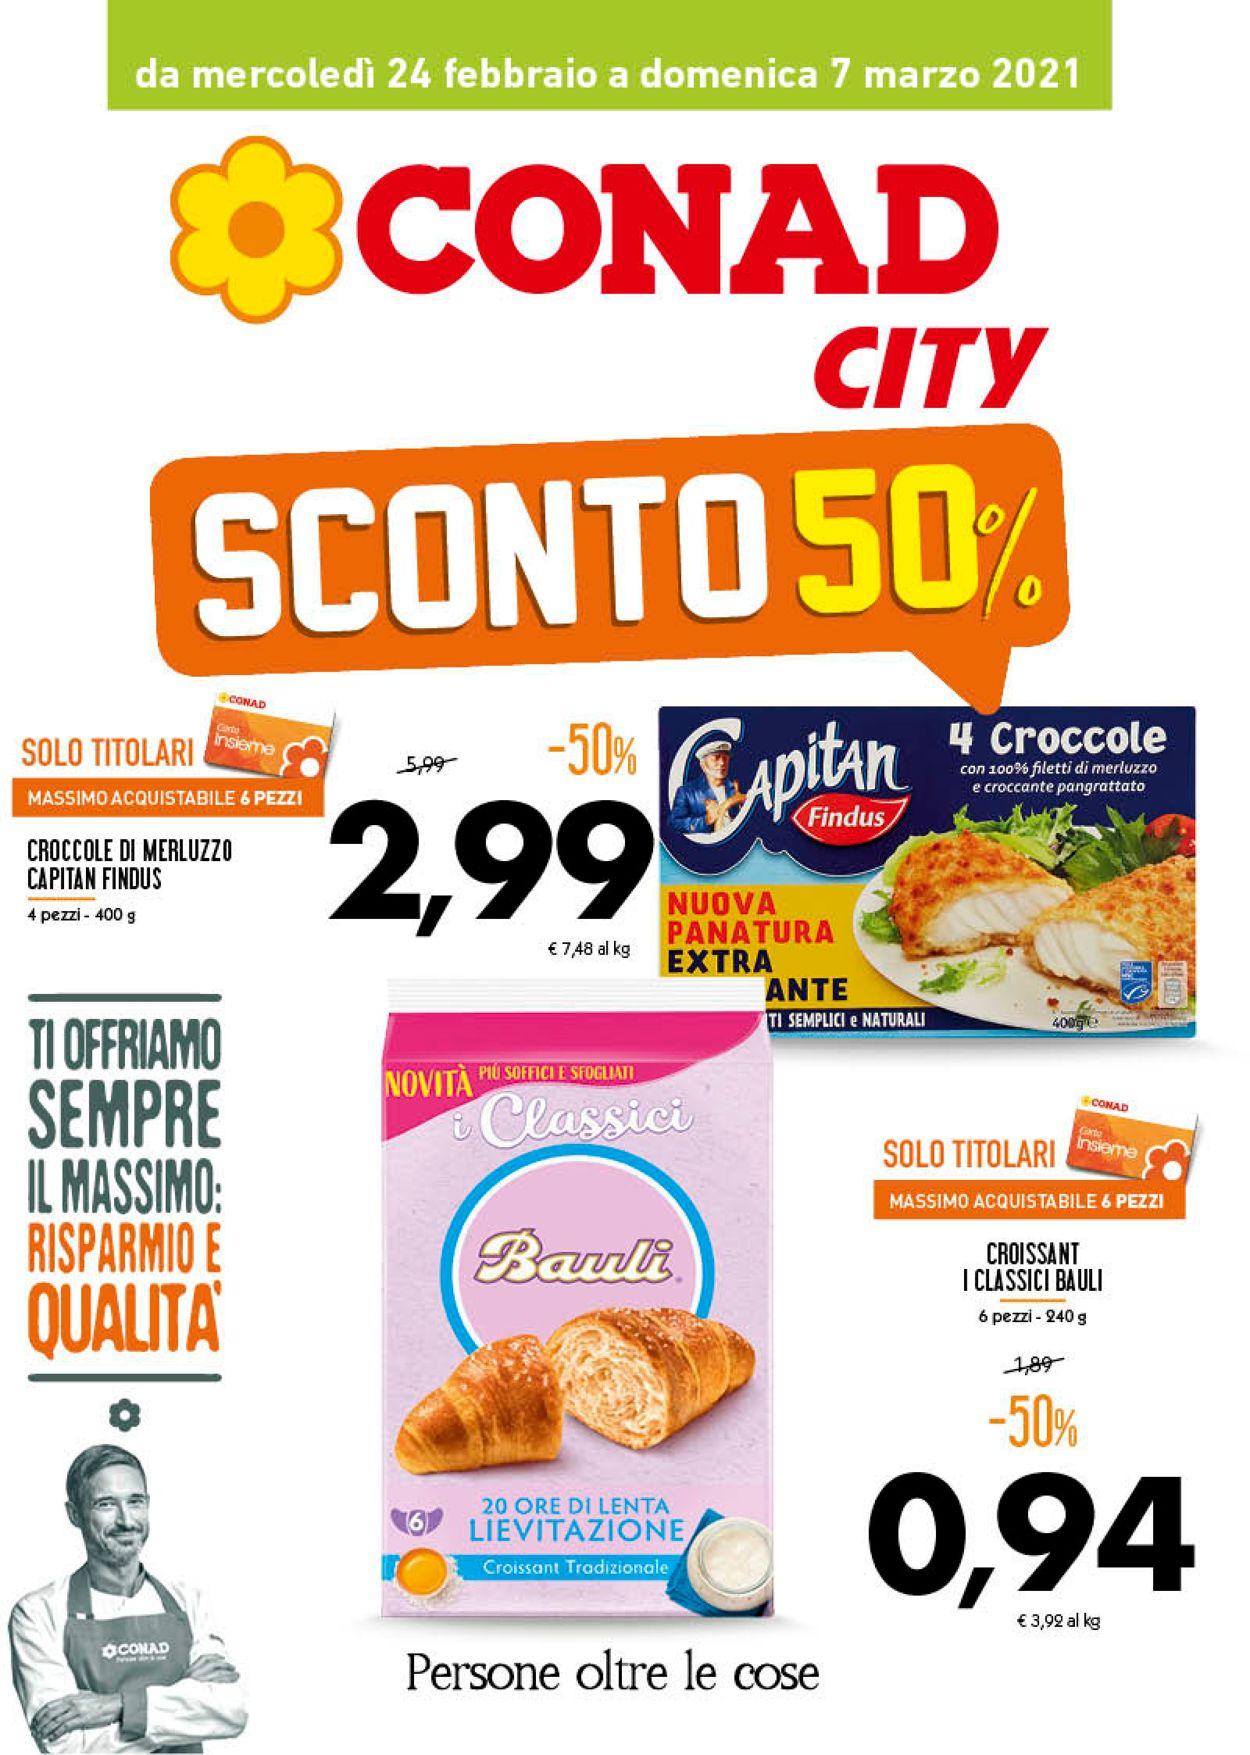 Volantino Conad - Offerte 24/02-07/03/2021